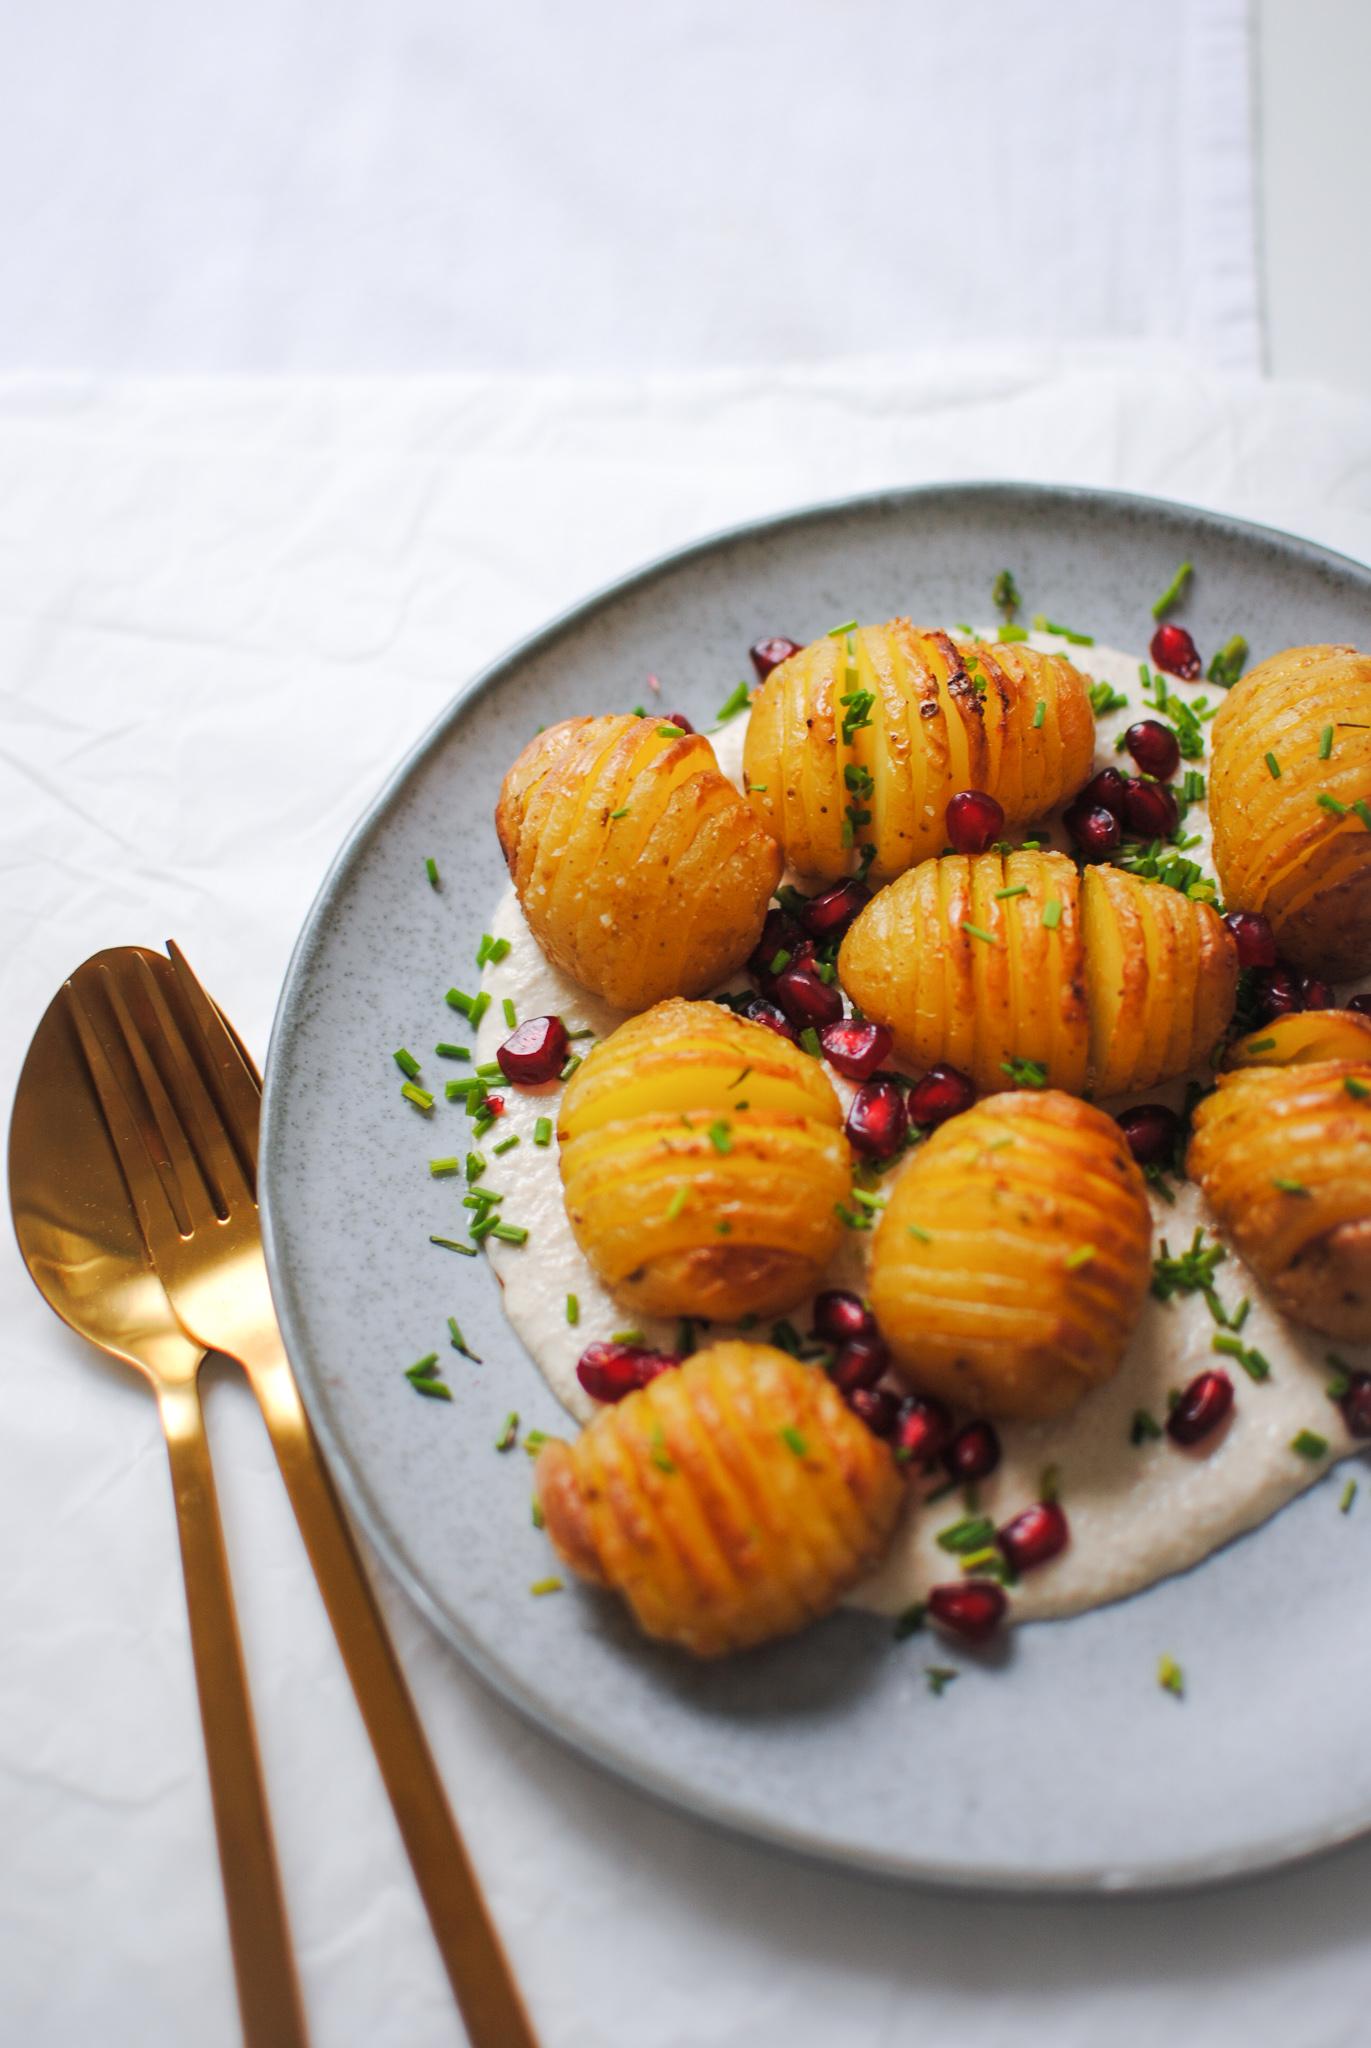 batatas hasselback | please consider | joana limao